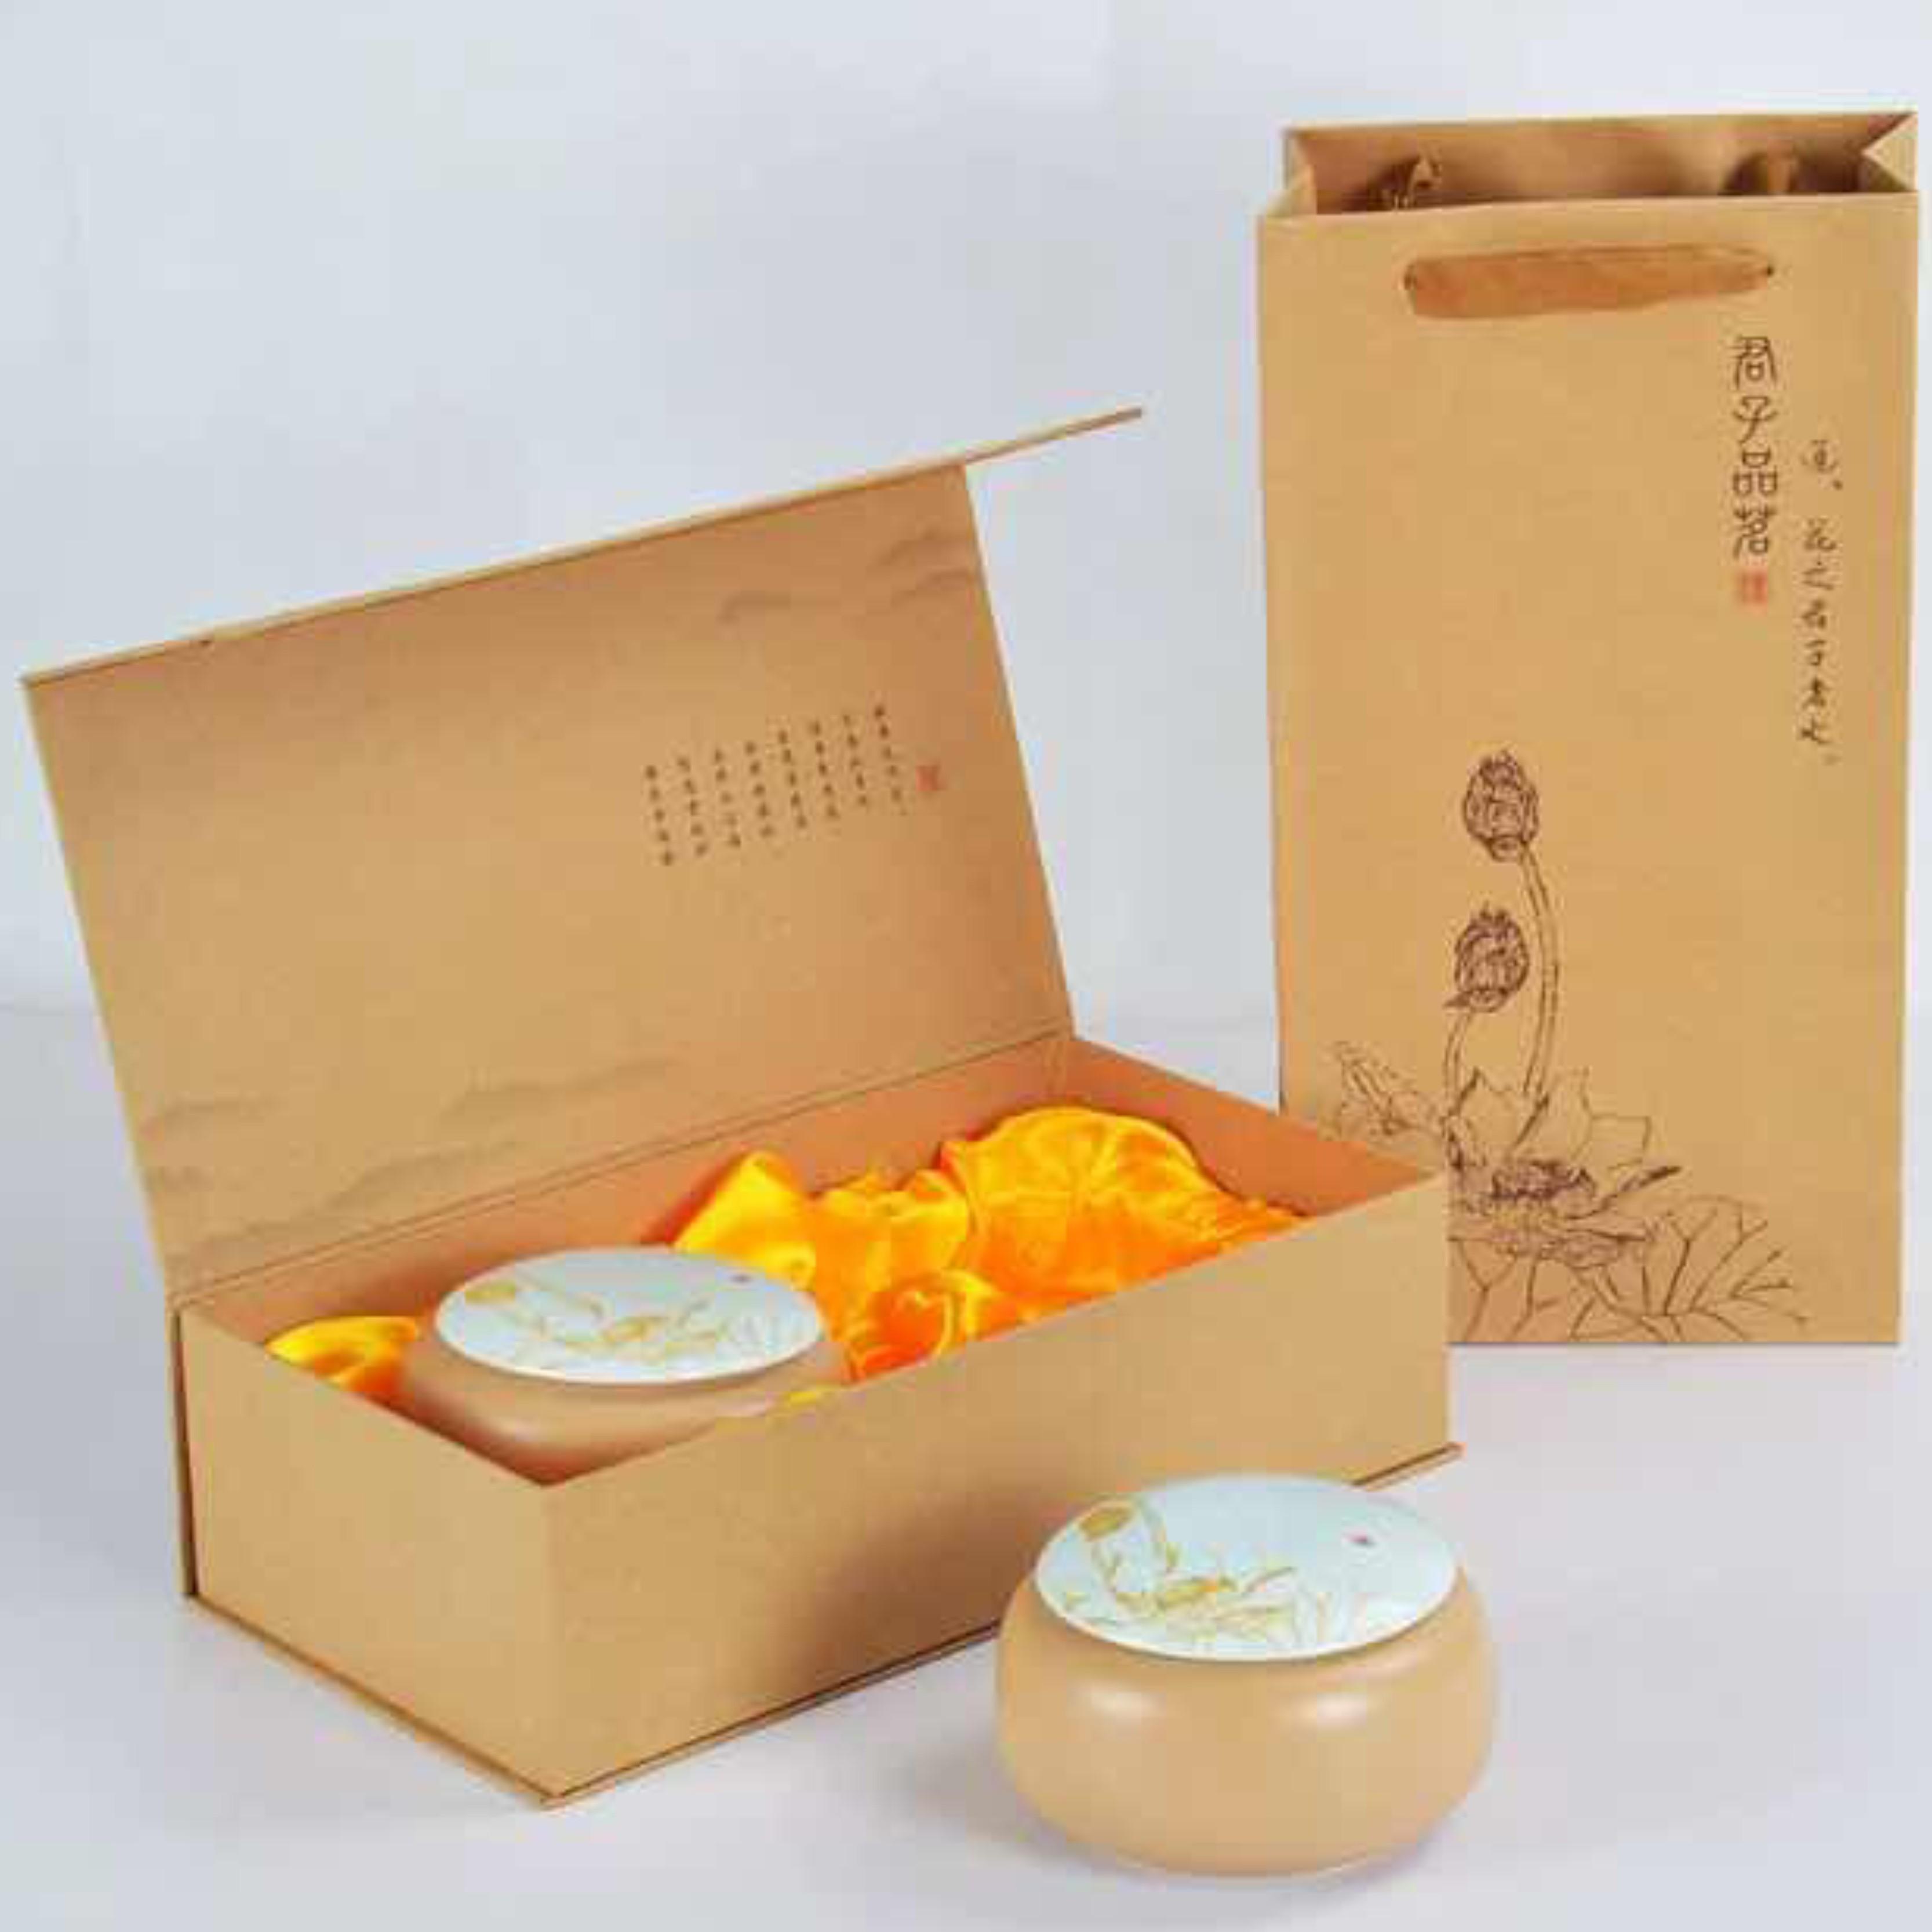 天地盖包装盒定做印刷翻盖高档硬纸盒企业公司牛皮纸礼品盒订制